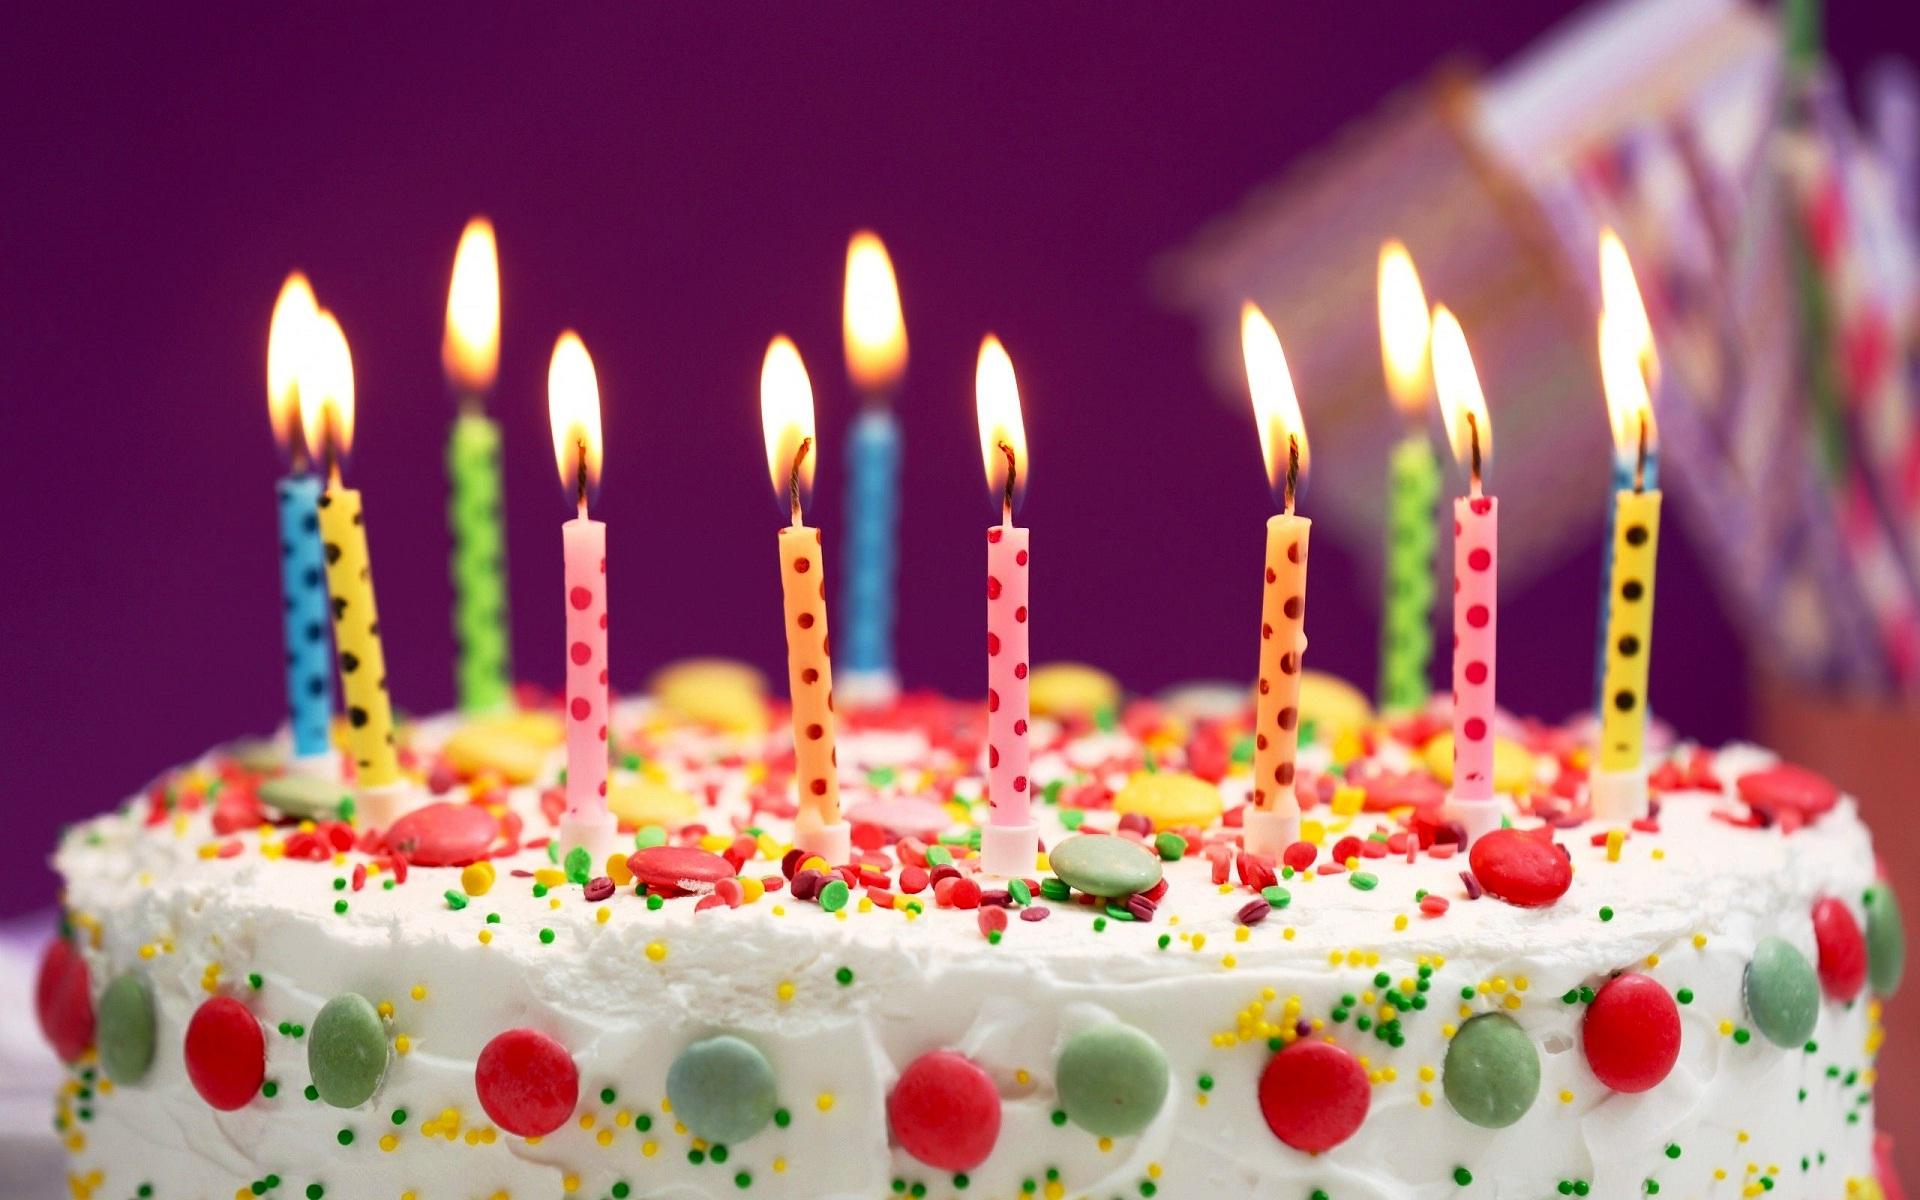 унікальні привітання з днем народження українською мовою у прозі смс та віршах Pmg Ua новини мукачева та закарпаття